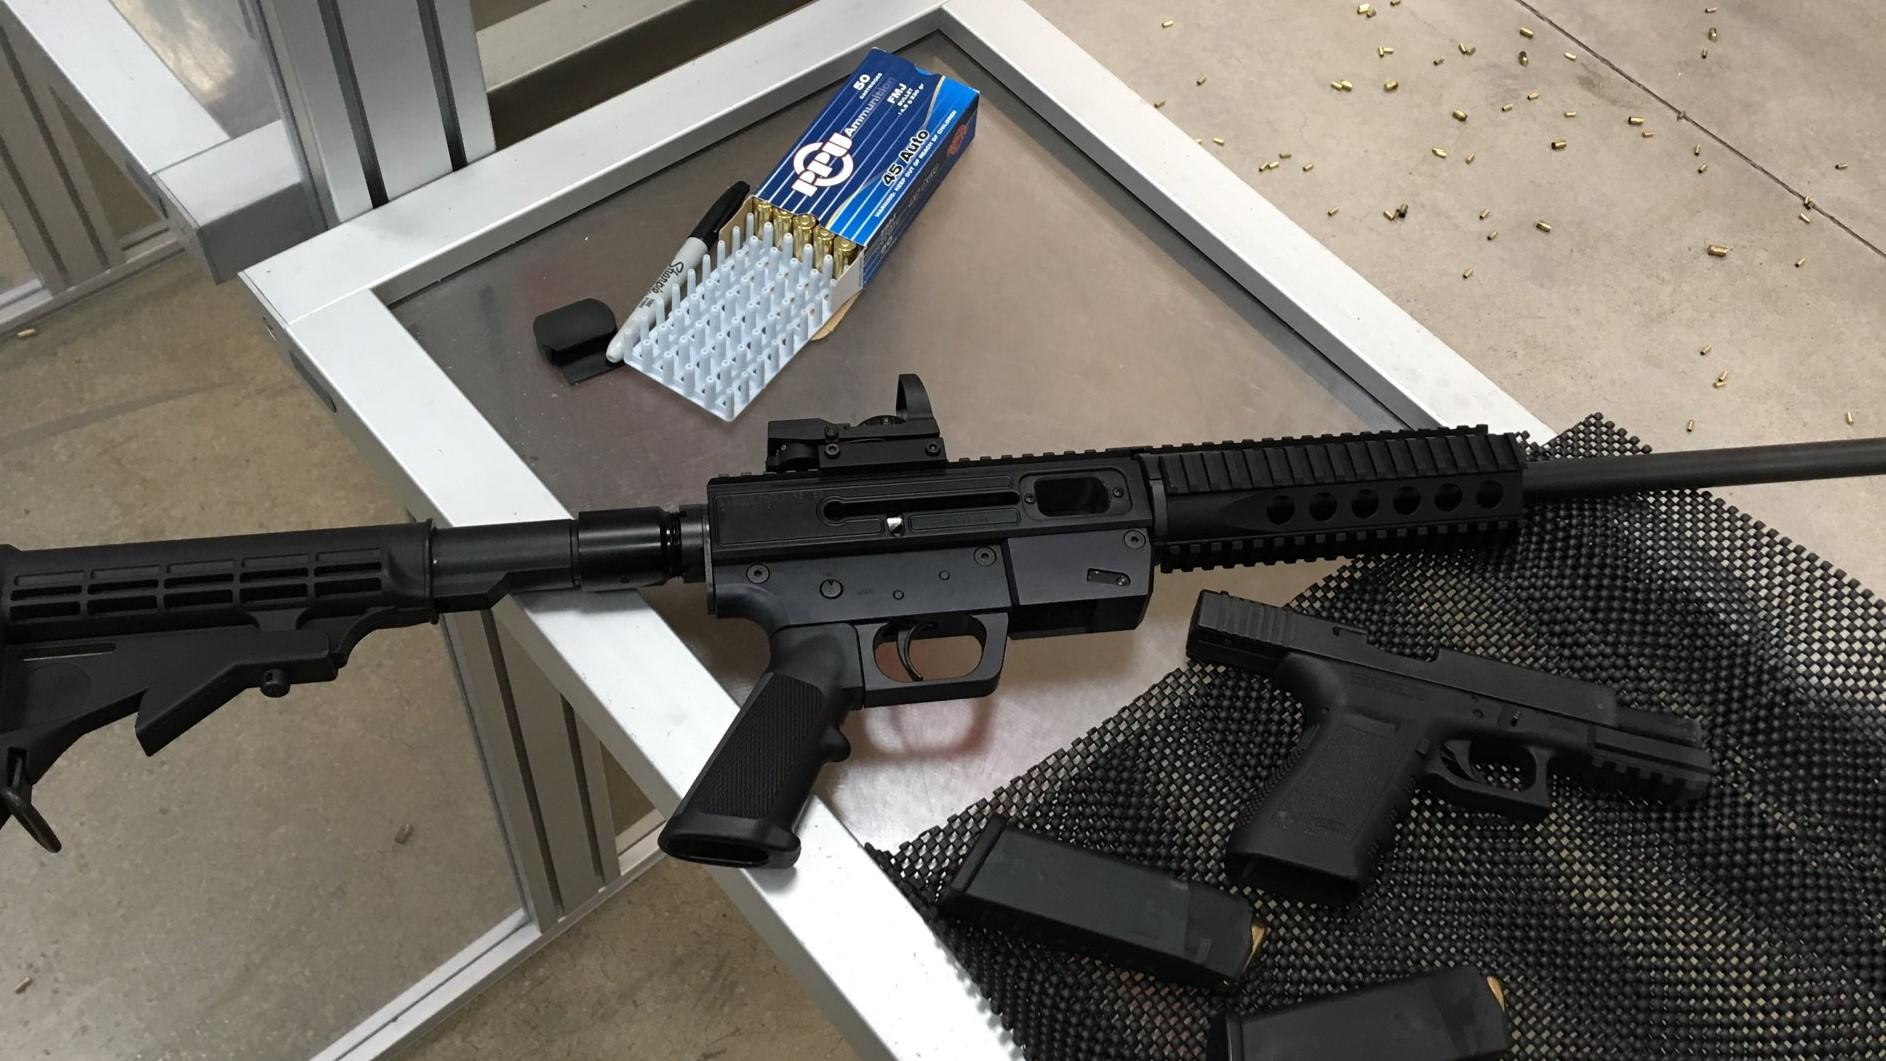 Police searching for a dozen stolen firearms